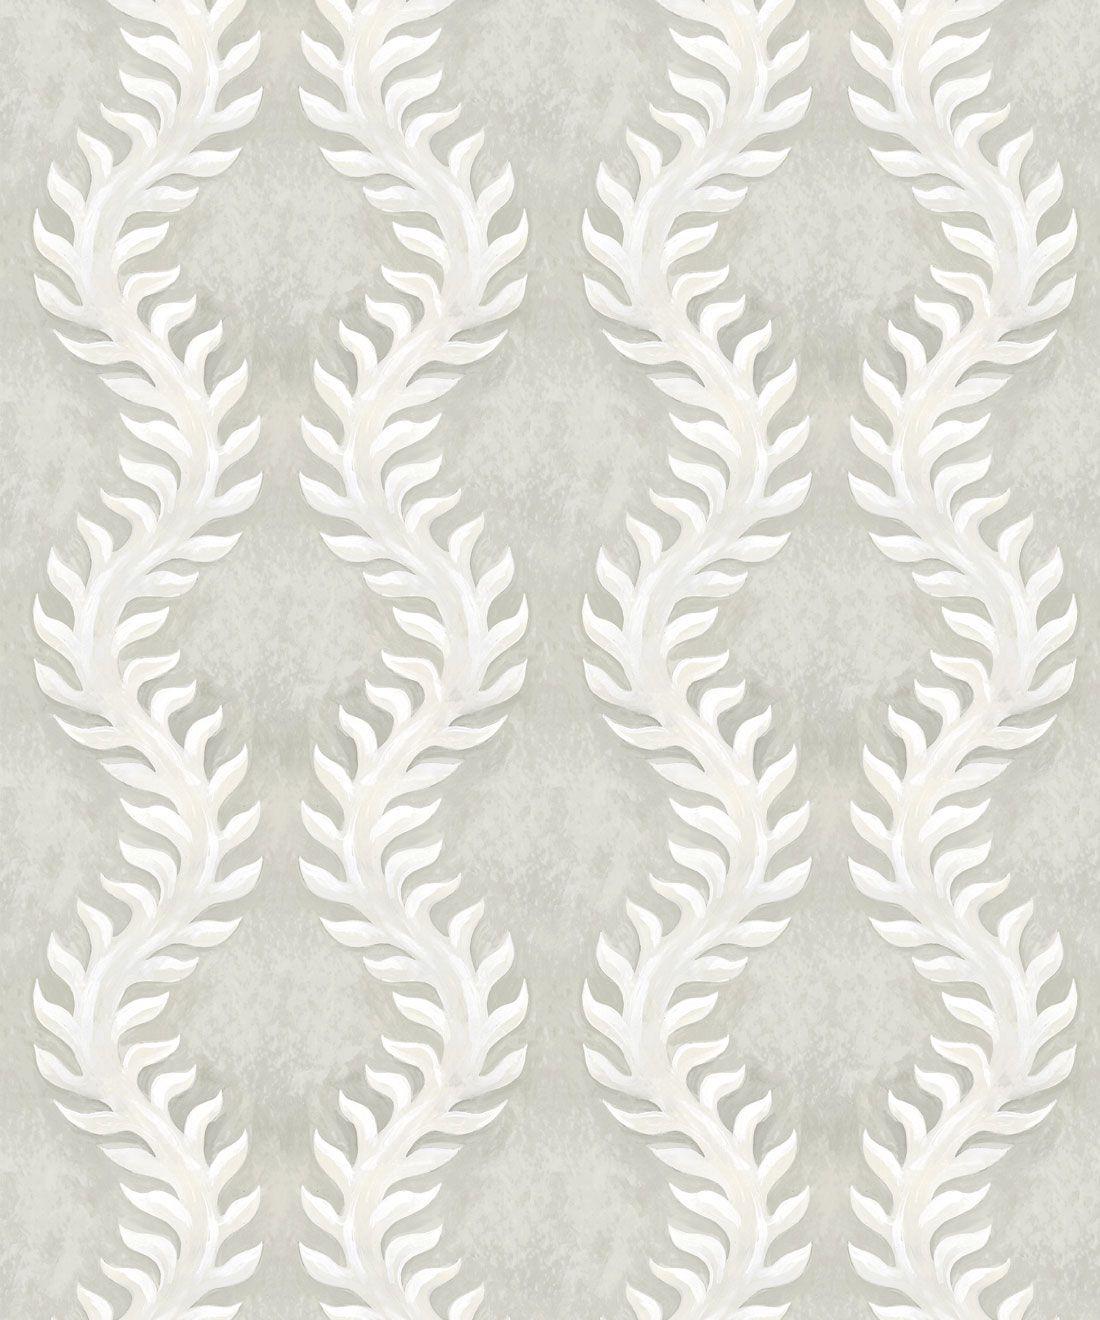 Fern Wallpaper • Beige •Swatch